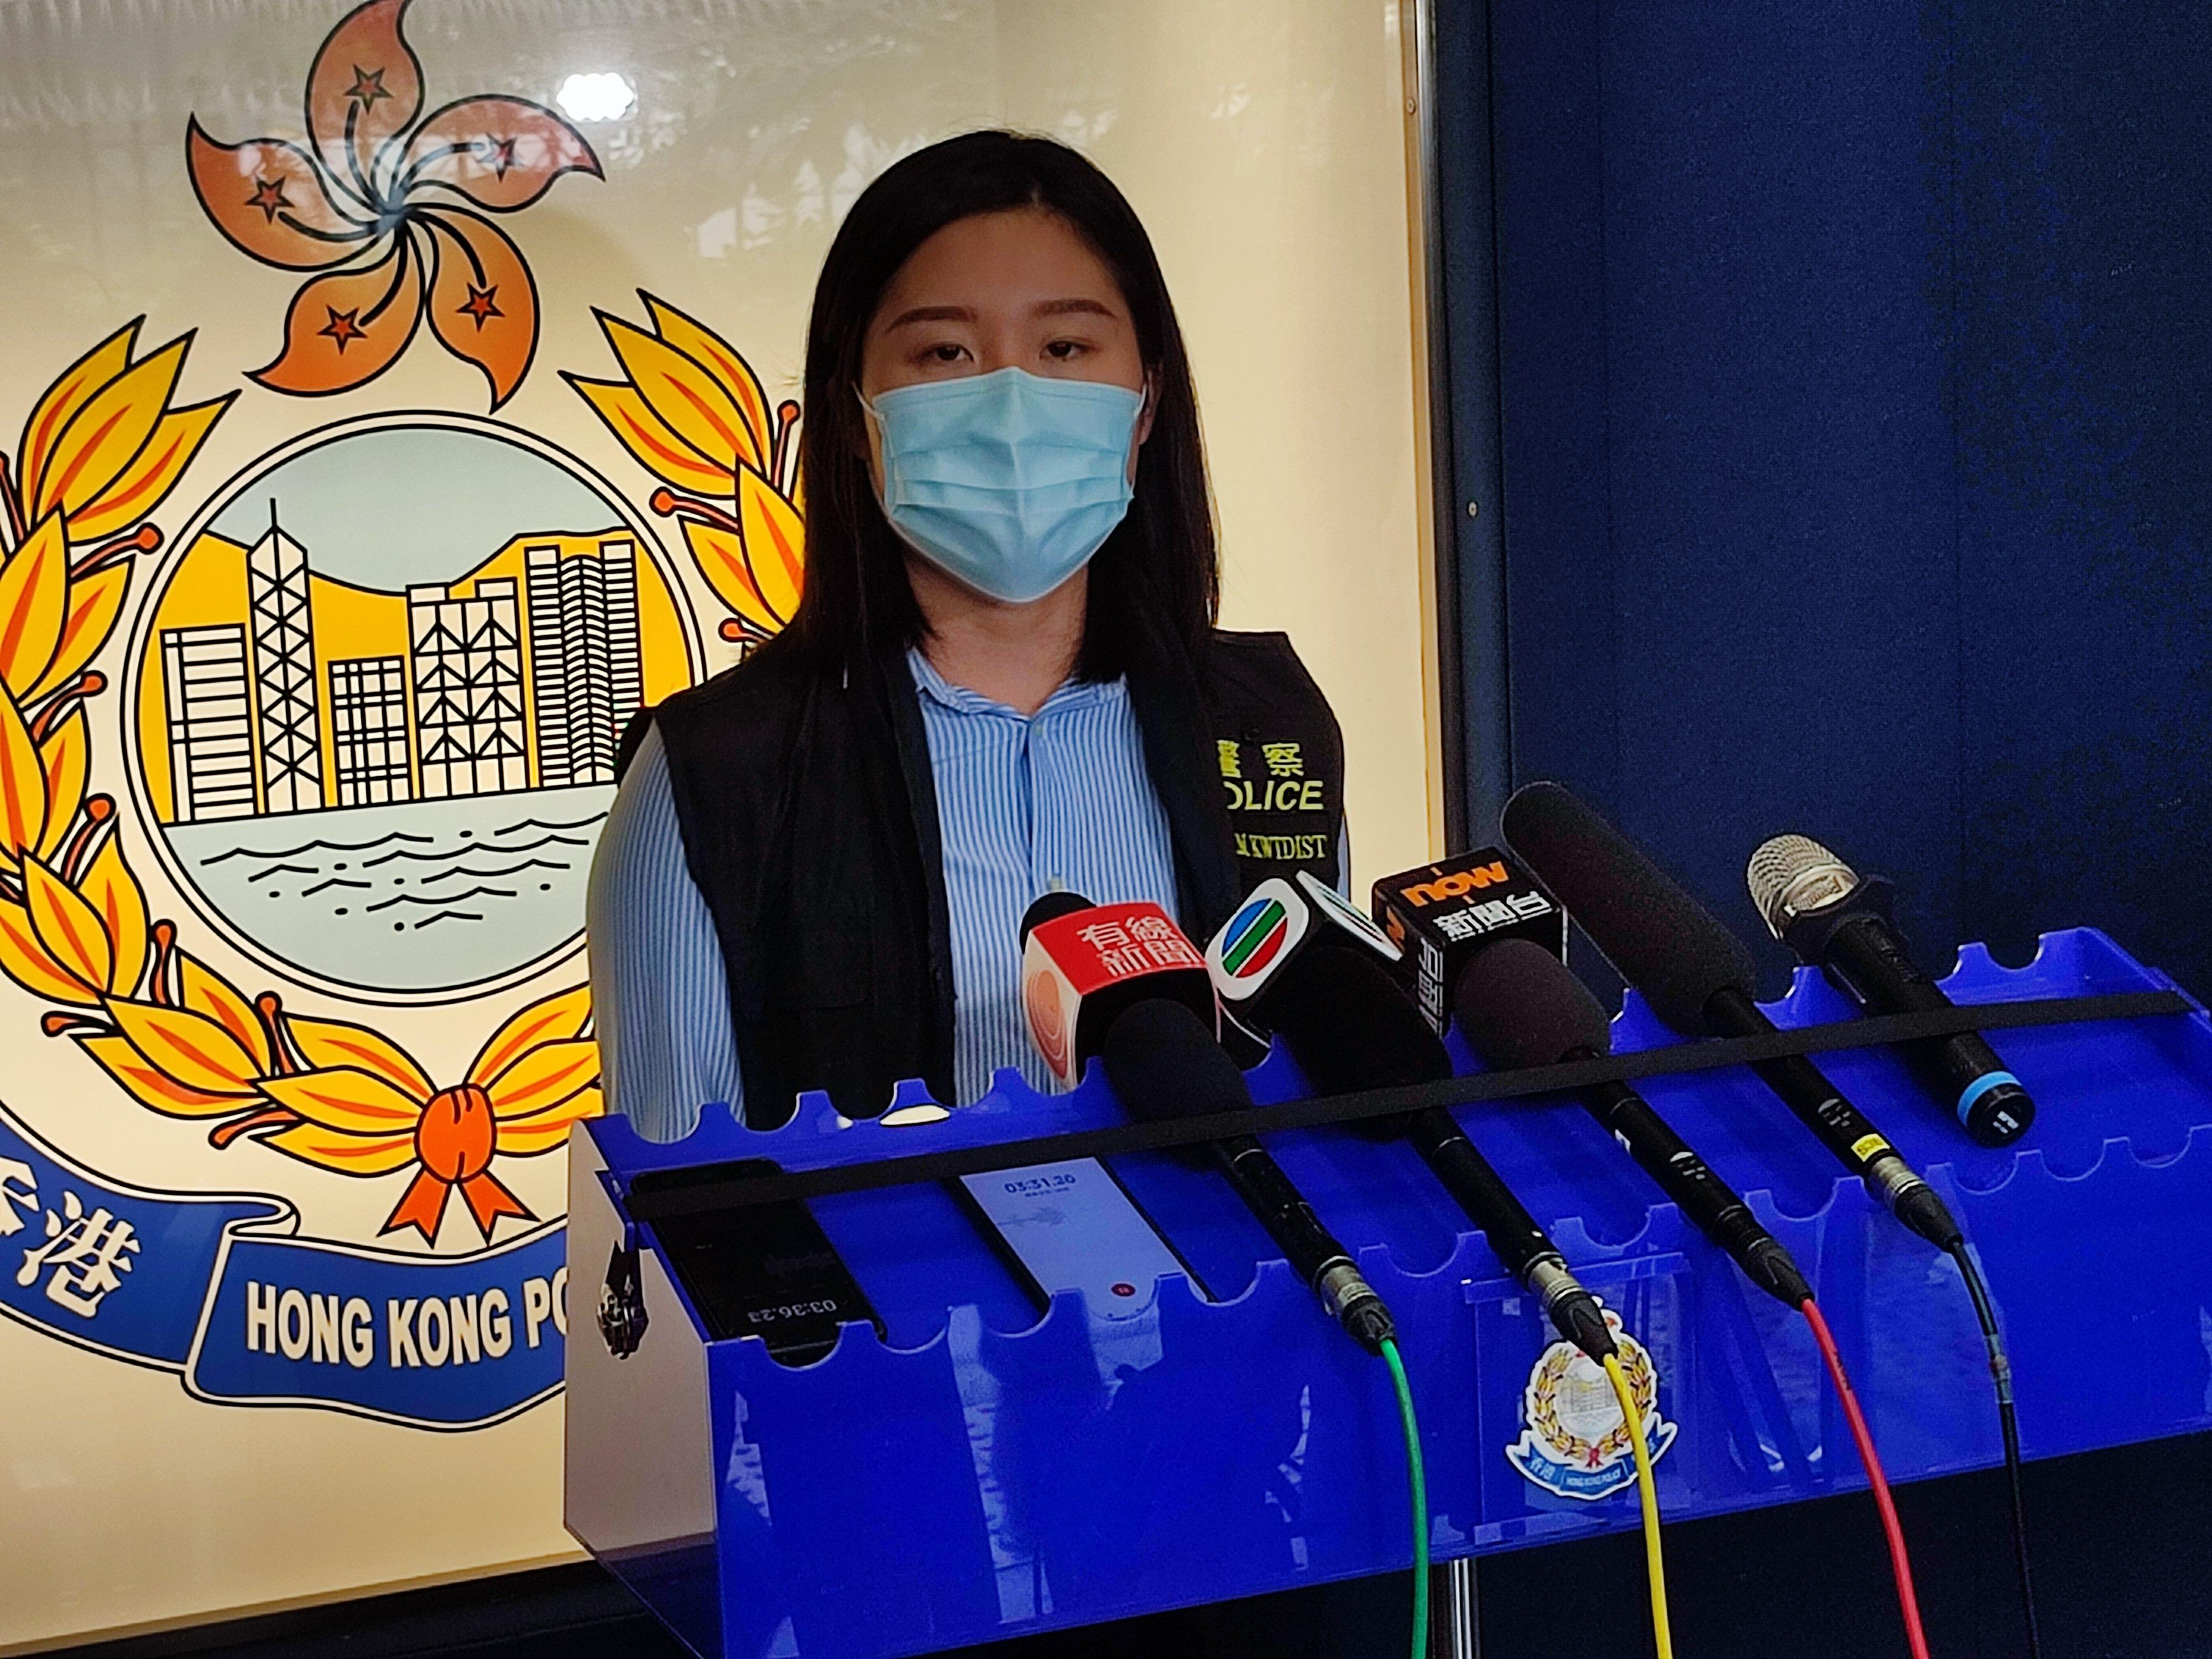 地產公司遭爆竊  葵青警區籲相關出租單位更換門鎖